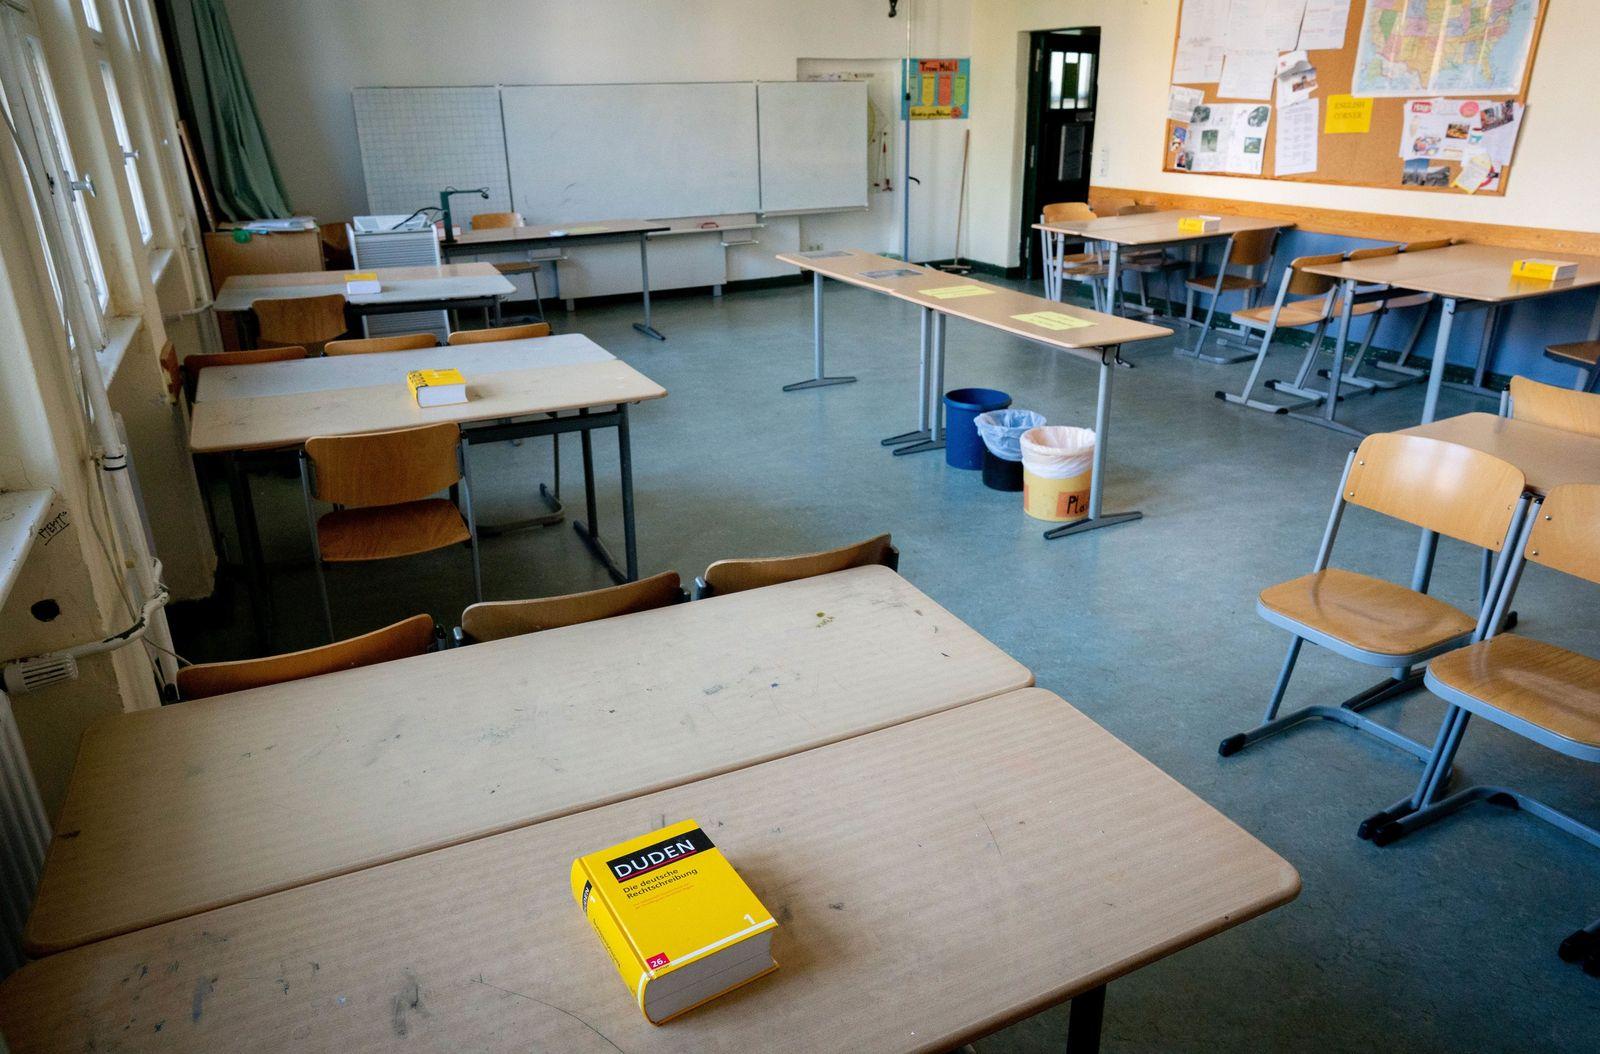 Debatte nach GEW-Vorstoß Absage der Abiturprüfungen